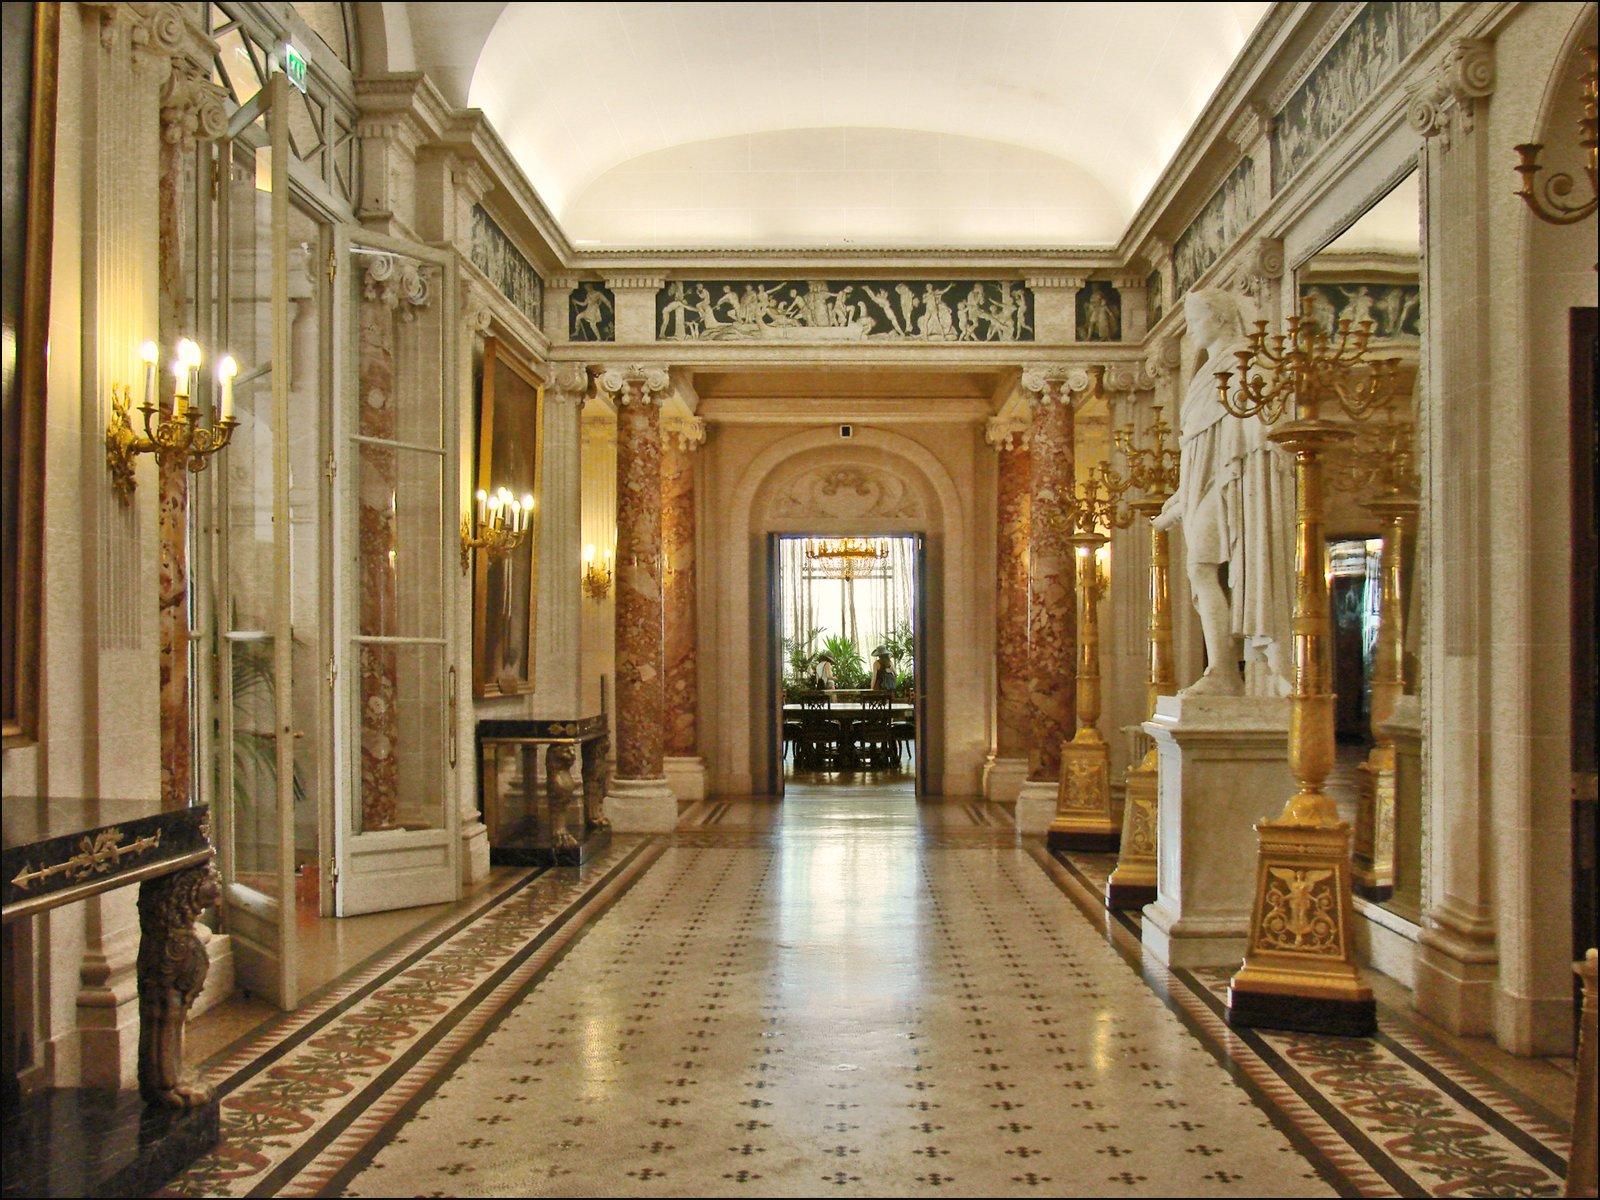 Interiors of Musée Masséna